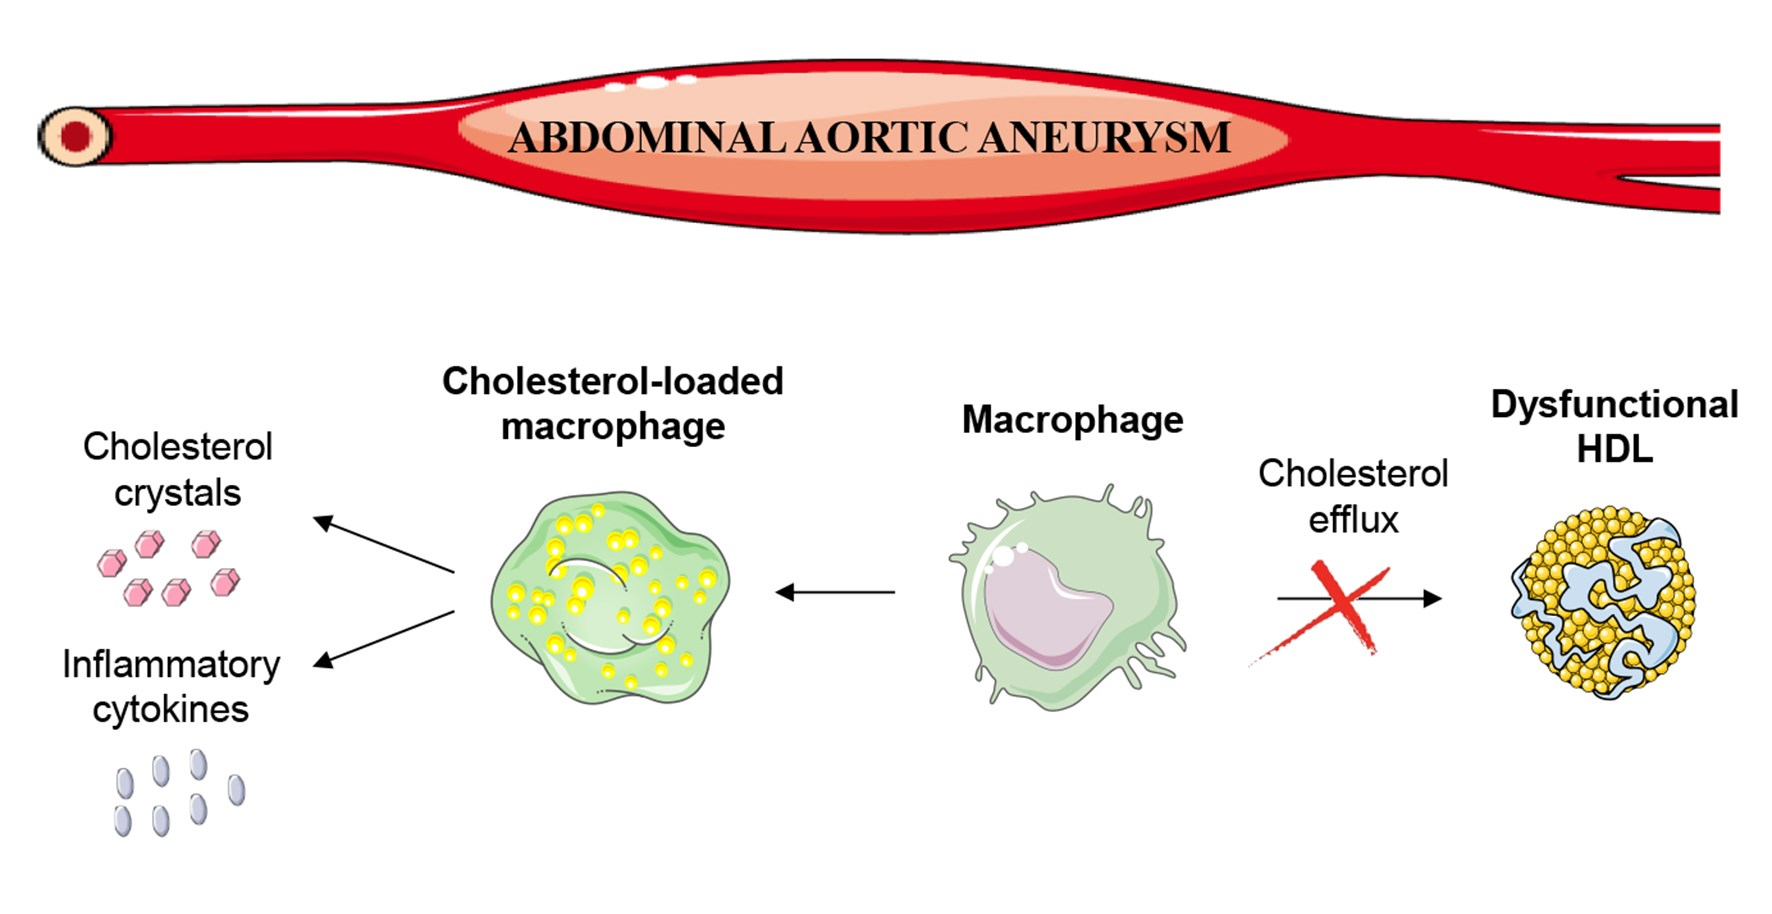 enfermedades de aneurisma abdominal